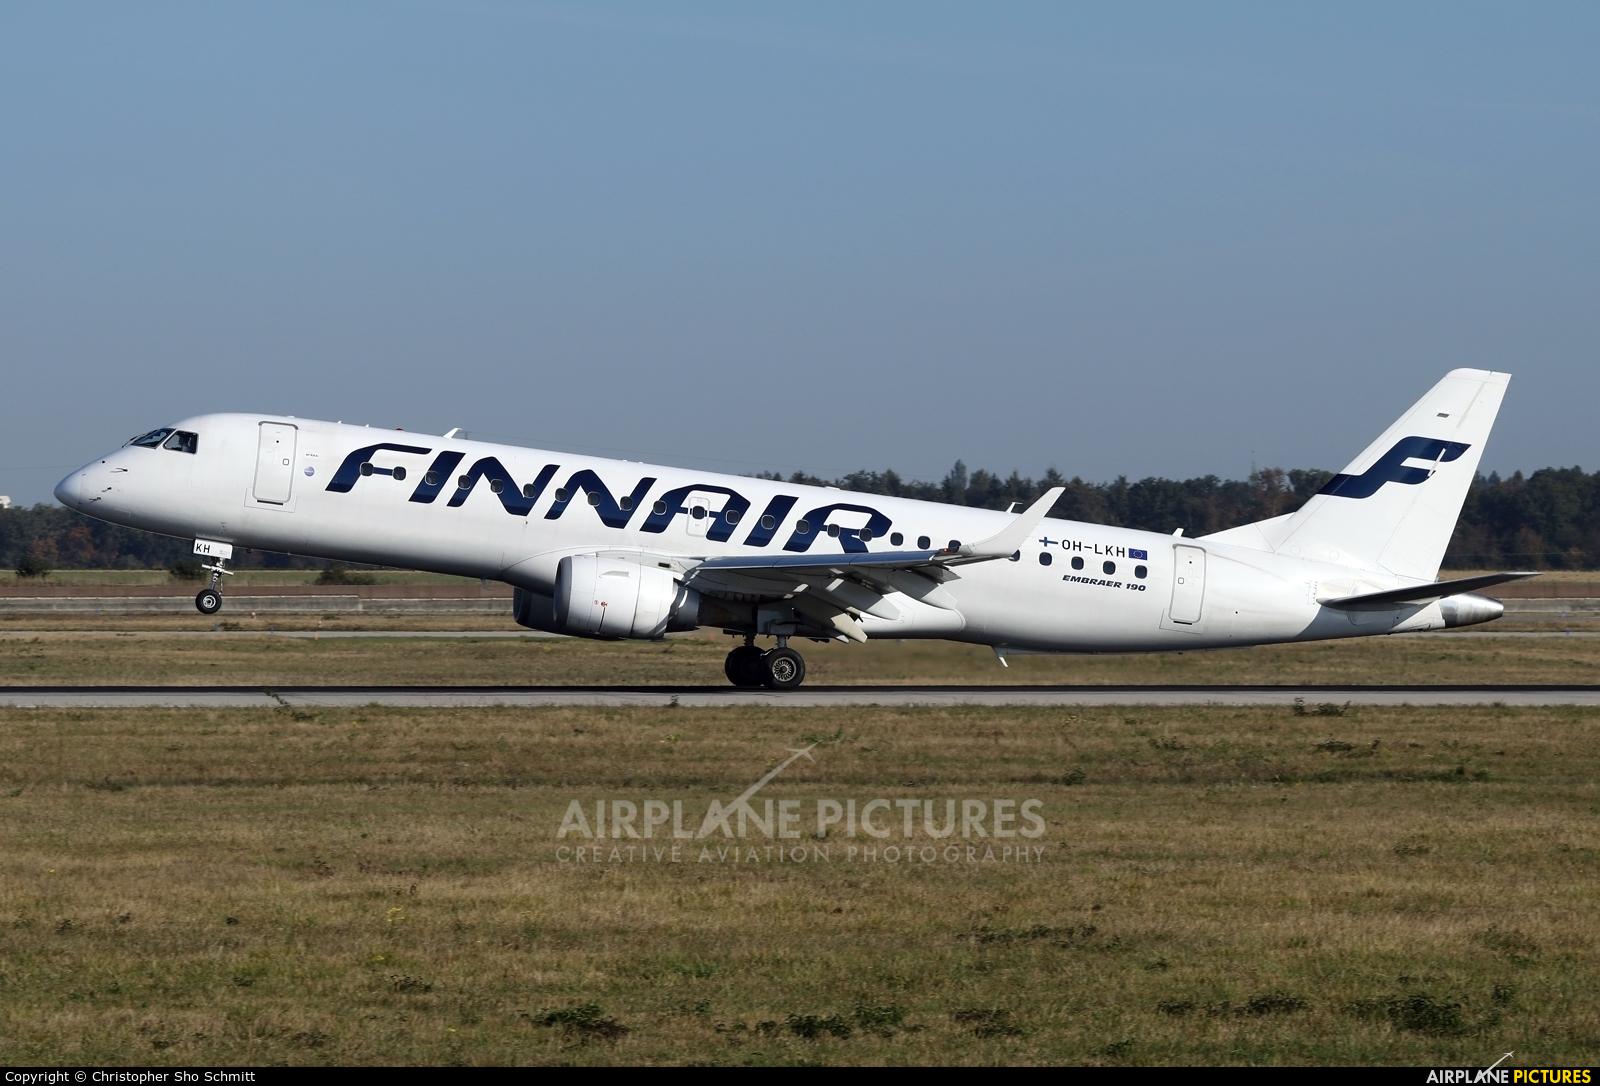 Finnair OH-LKH aircraft at Stuttgart